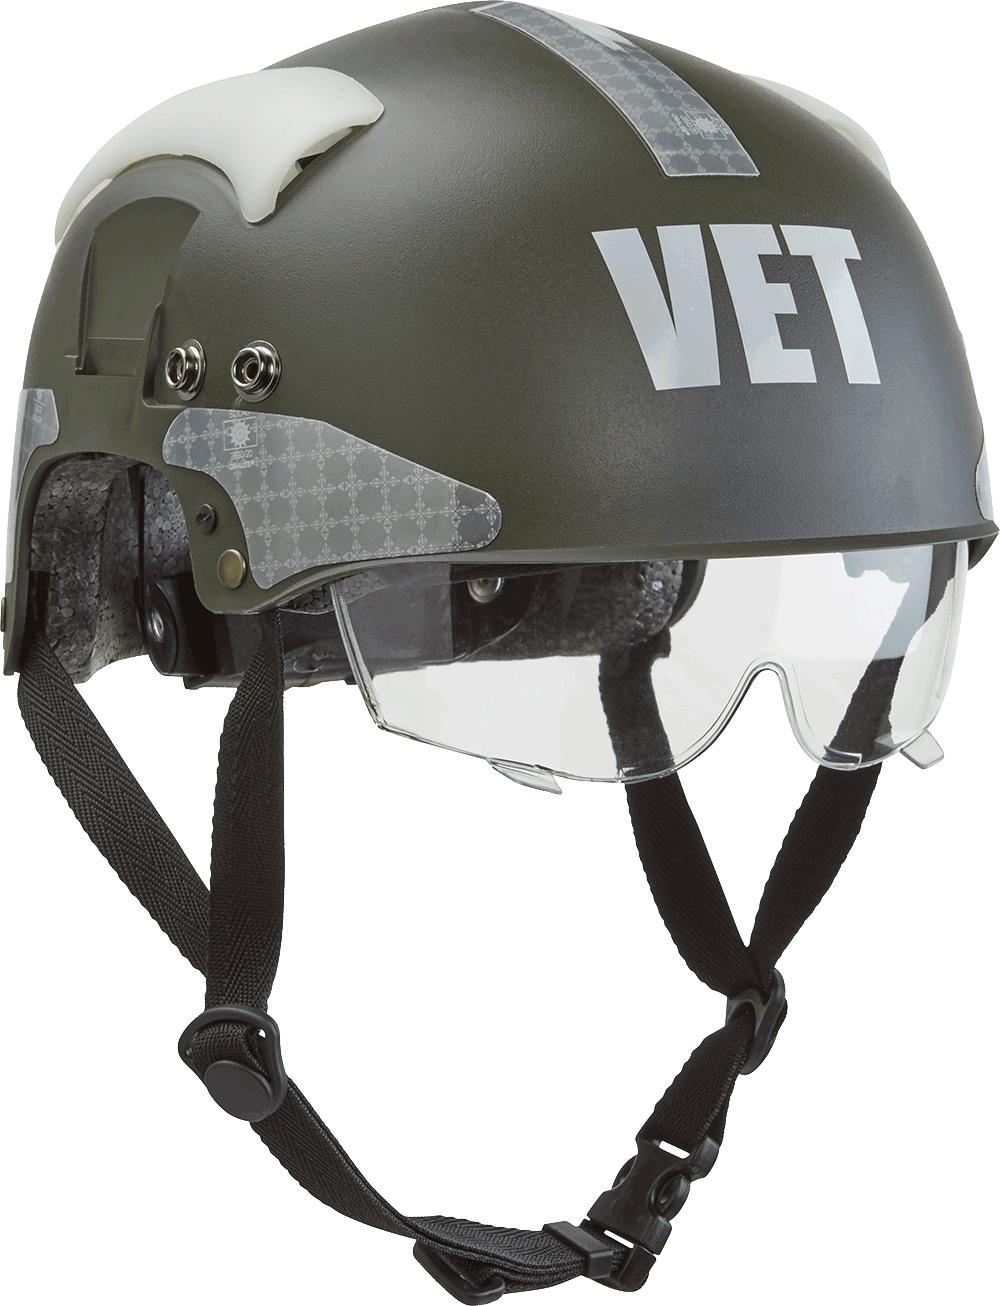 Vet_helmet_Right